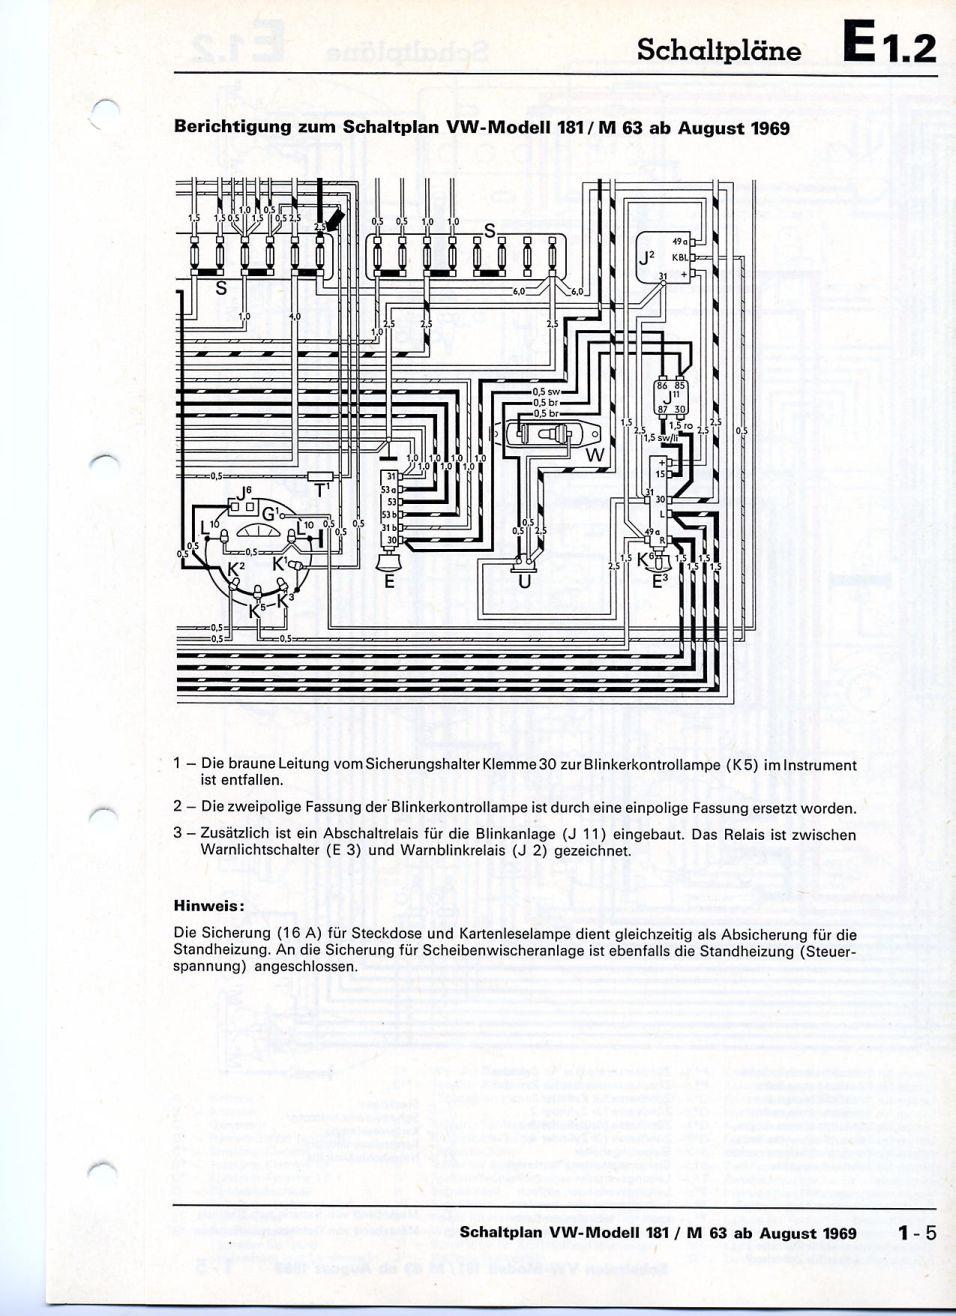 Elektrische Schema\'s VW 181